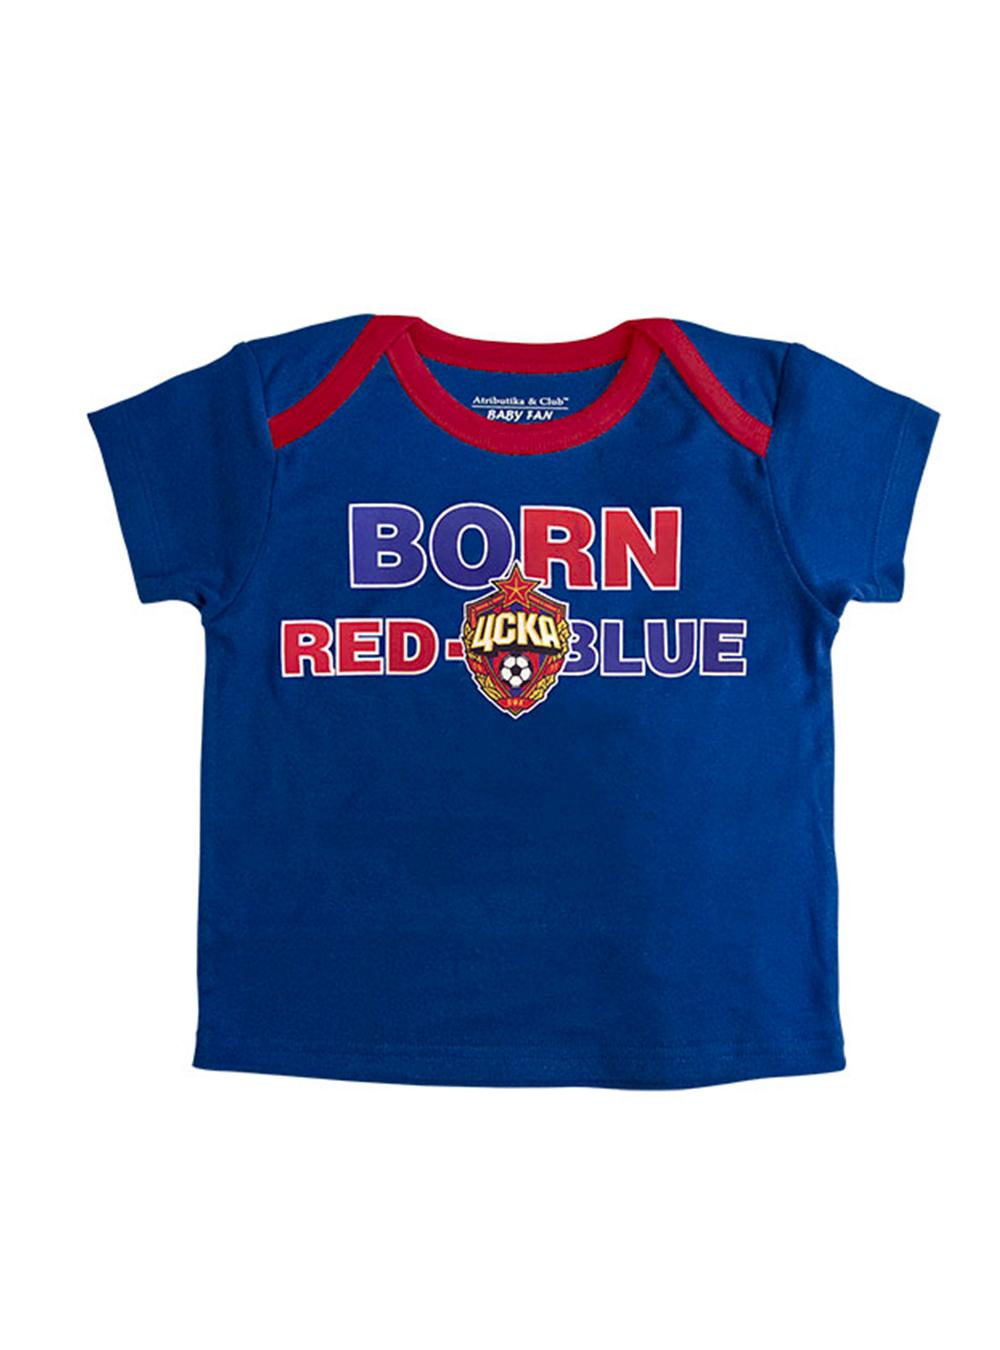 Футболка с коротким рукавом BORN Red Blue (415030), цвет синий (98 (24-36 мес.))Для самых маленьких<br>Футболка с коротким рукавом BORN Red Blue (415030), цвет синий<br>